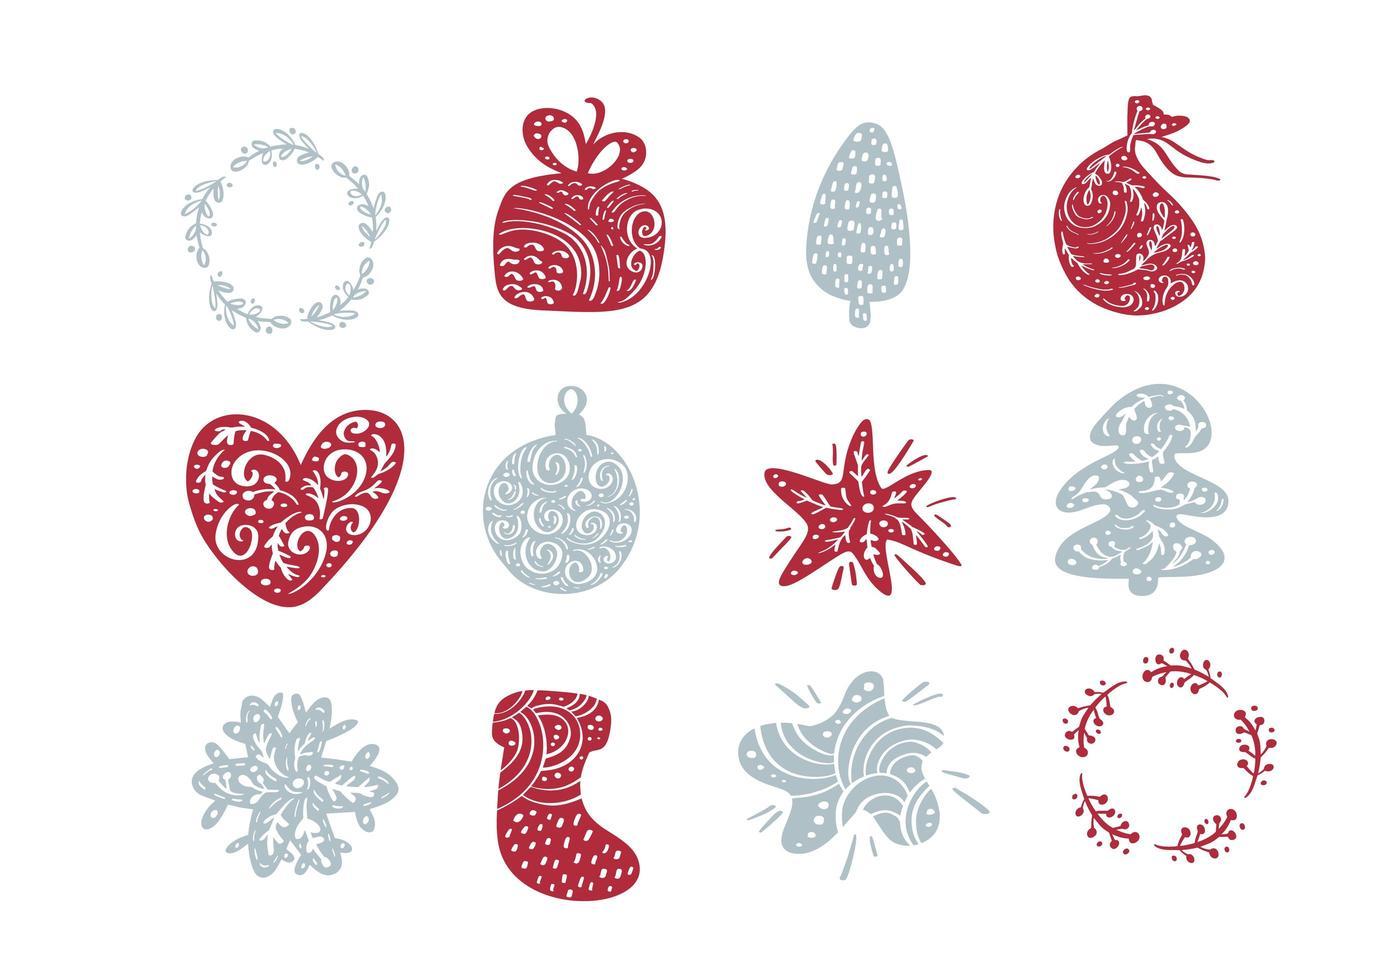 kerst doodle elementen vector